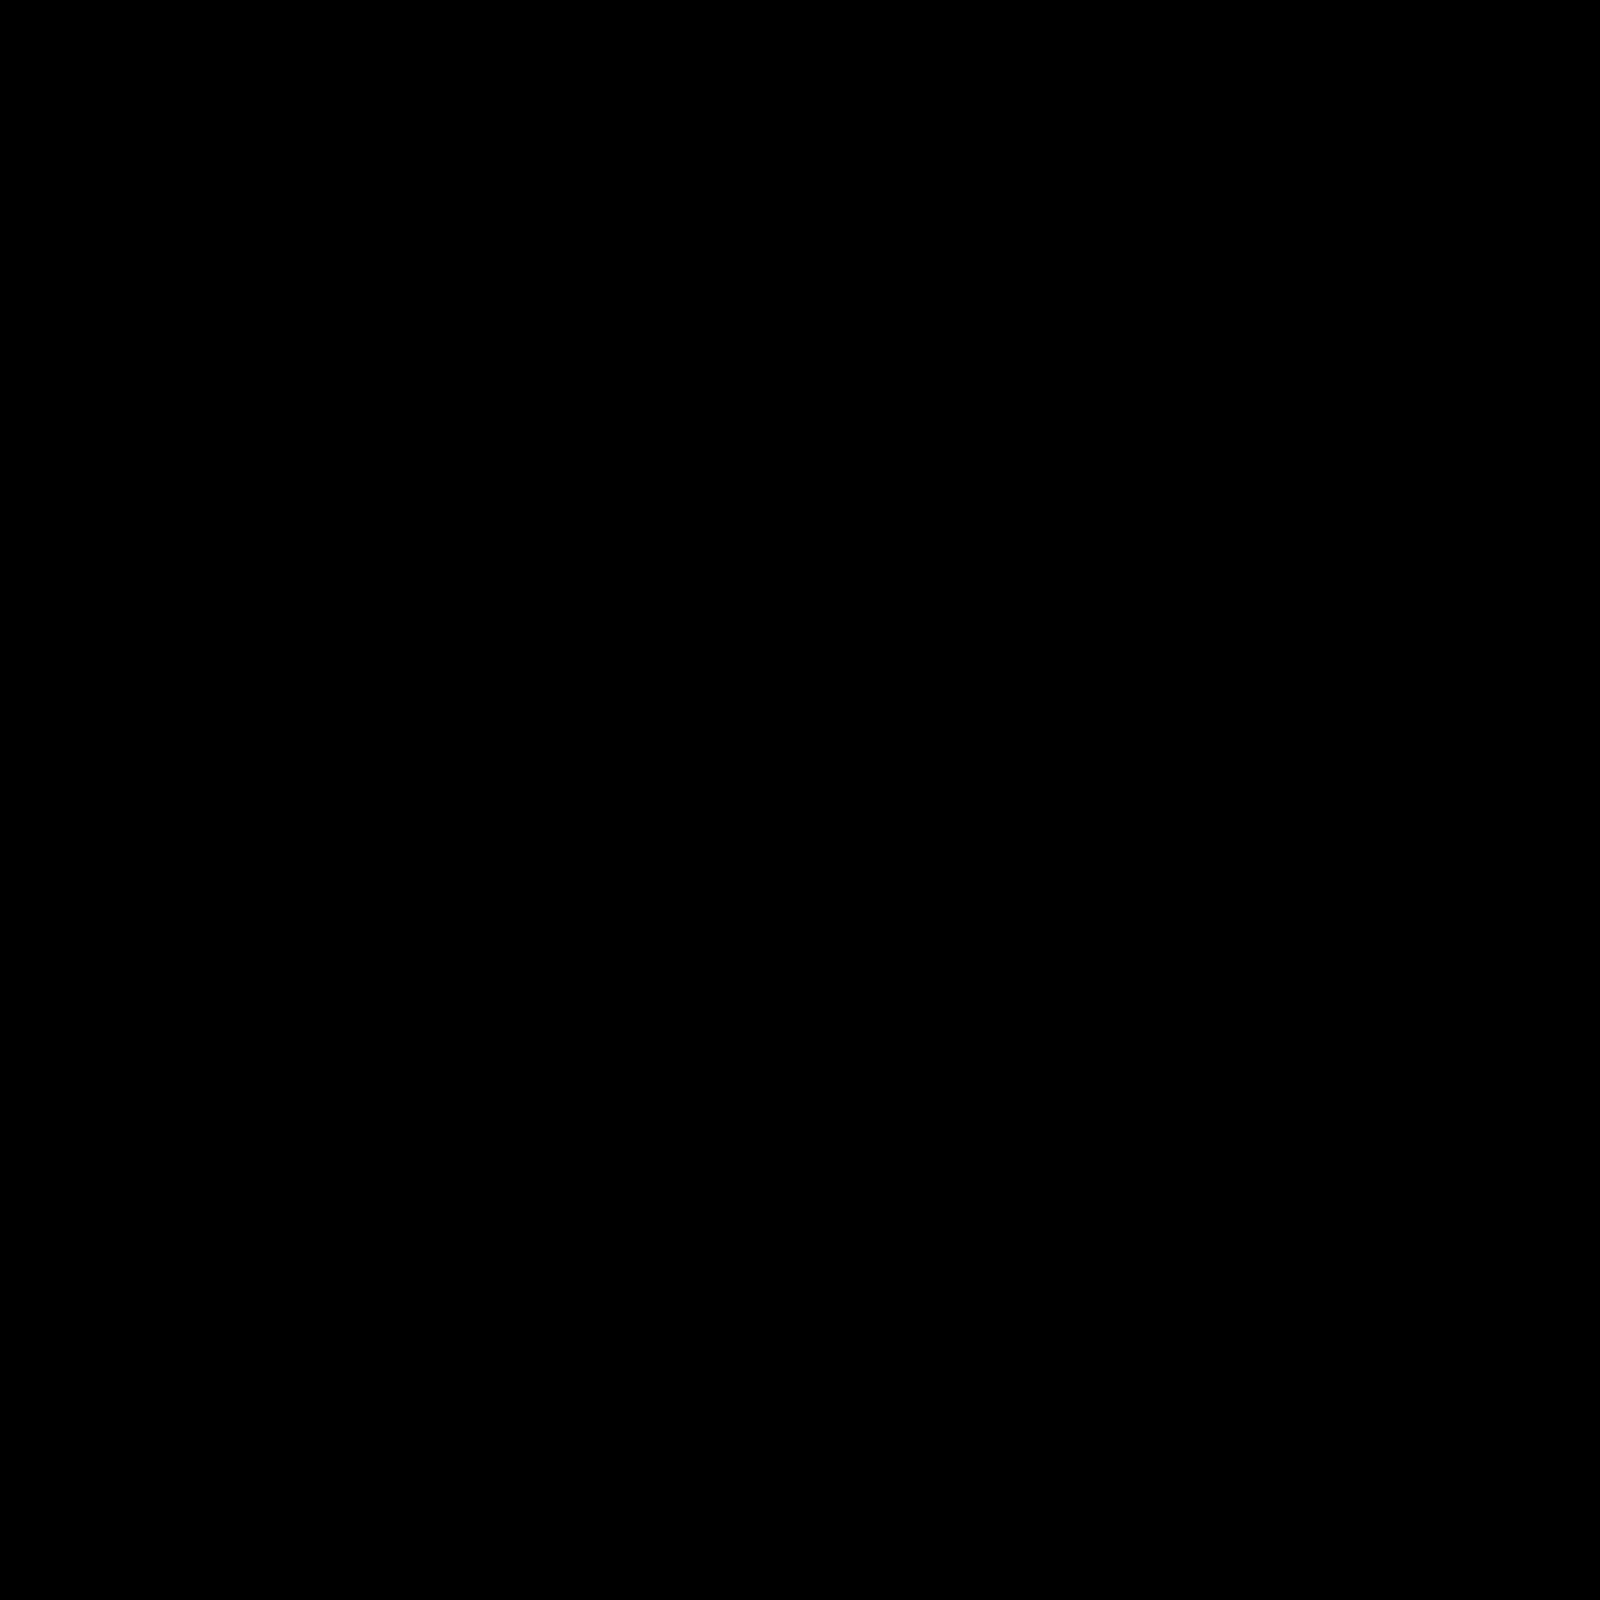 幼女 icon